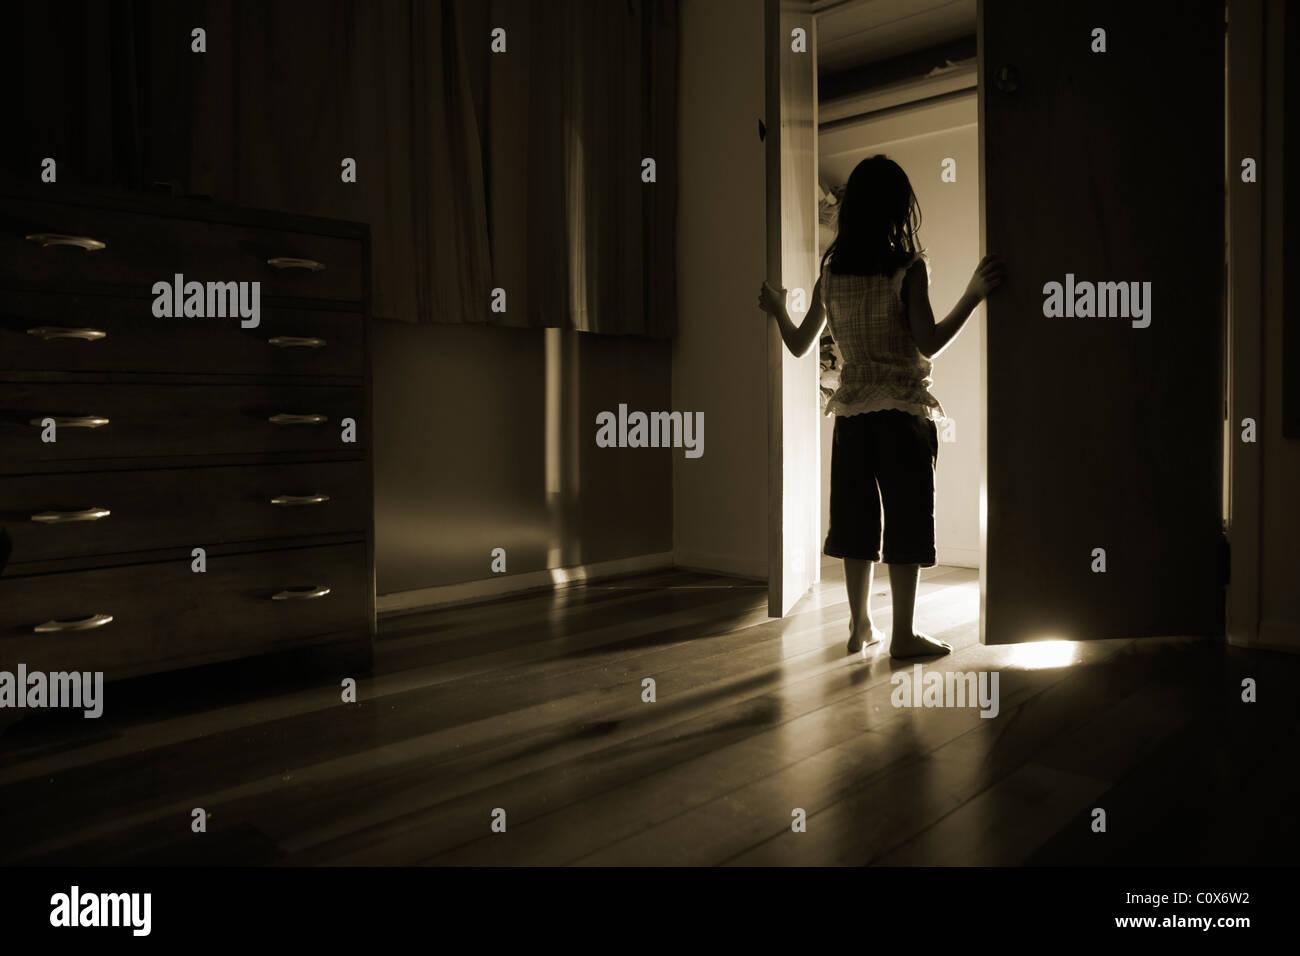 La lumière brille à partir de portes d'armoires Photo Stock